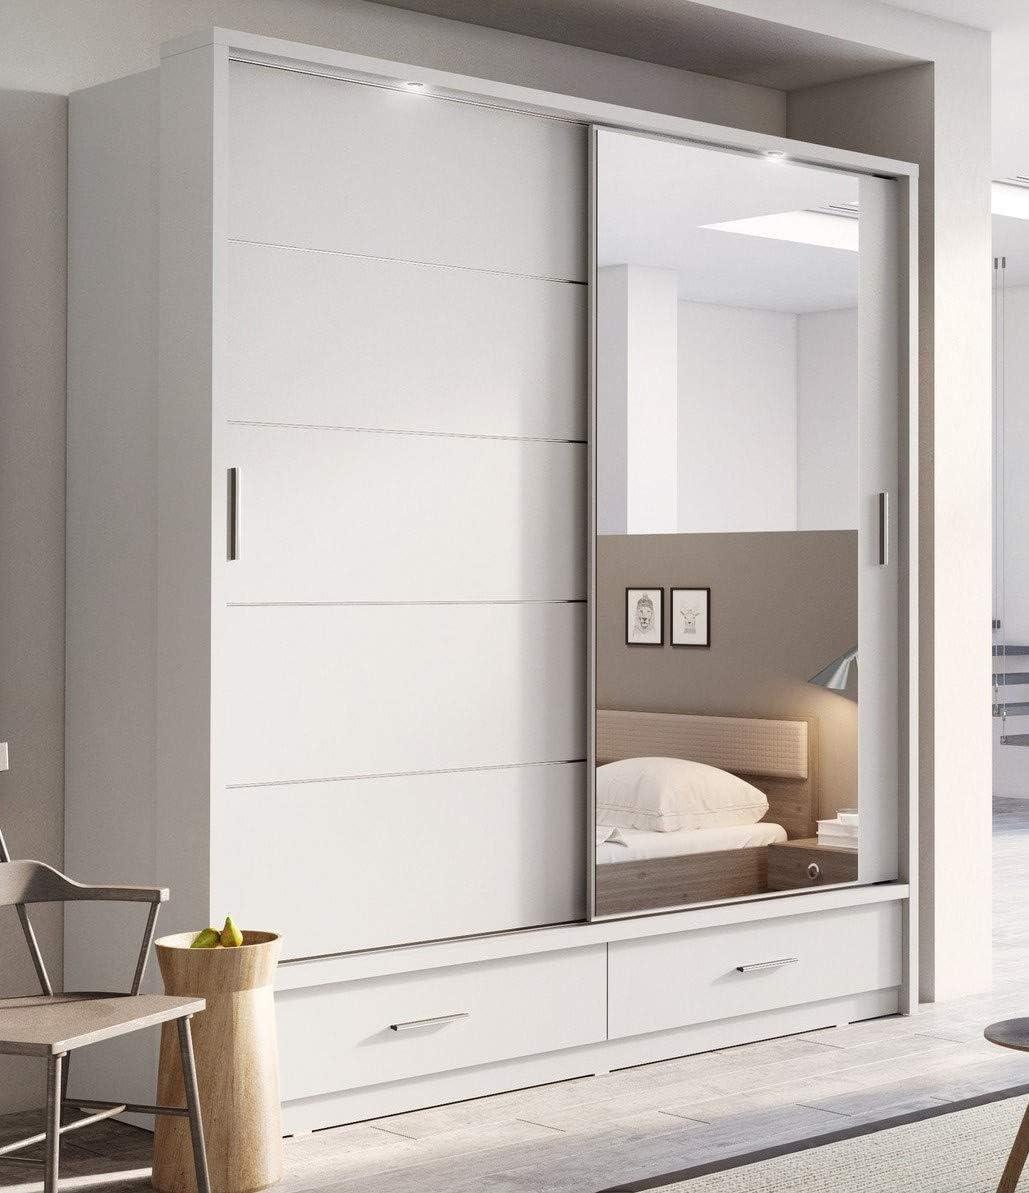 Arthauss ARTI 19 Moderner Schlafzimmer-Spiegelschrank, Schiebetüren, 19 cm,  Mattes Weiß